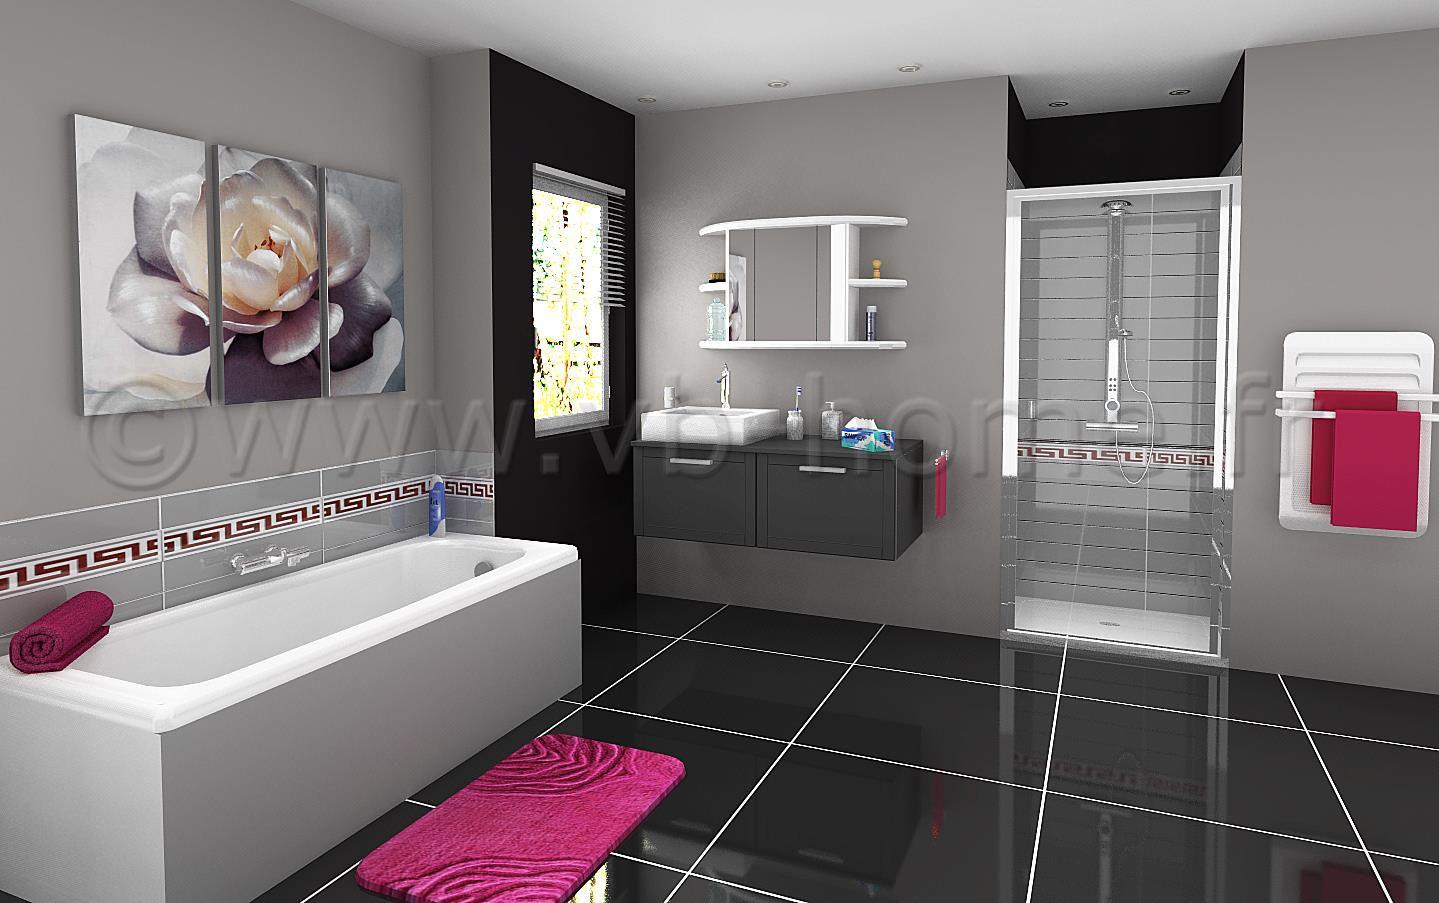 salle de bain f minine orn e de gris et de rose r alisations 3d de l 39 agence pinterest. Black Bedroom Furniture Sets. Home Design Ideas